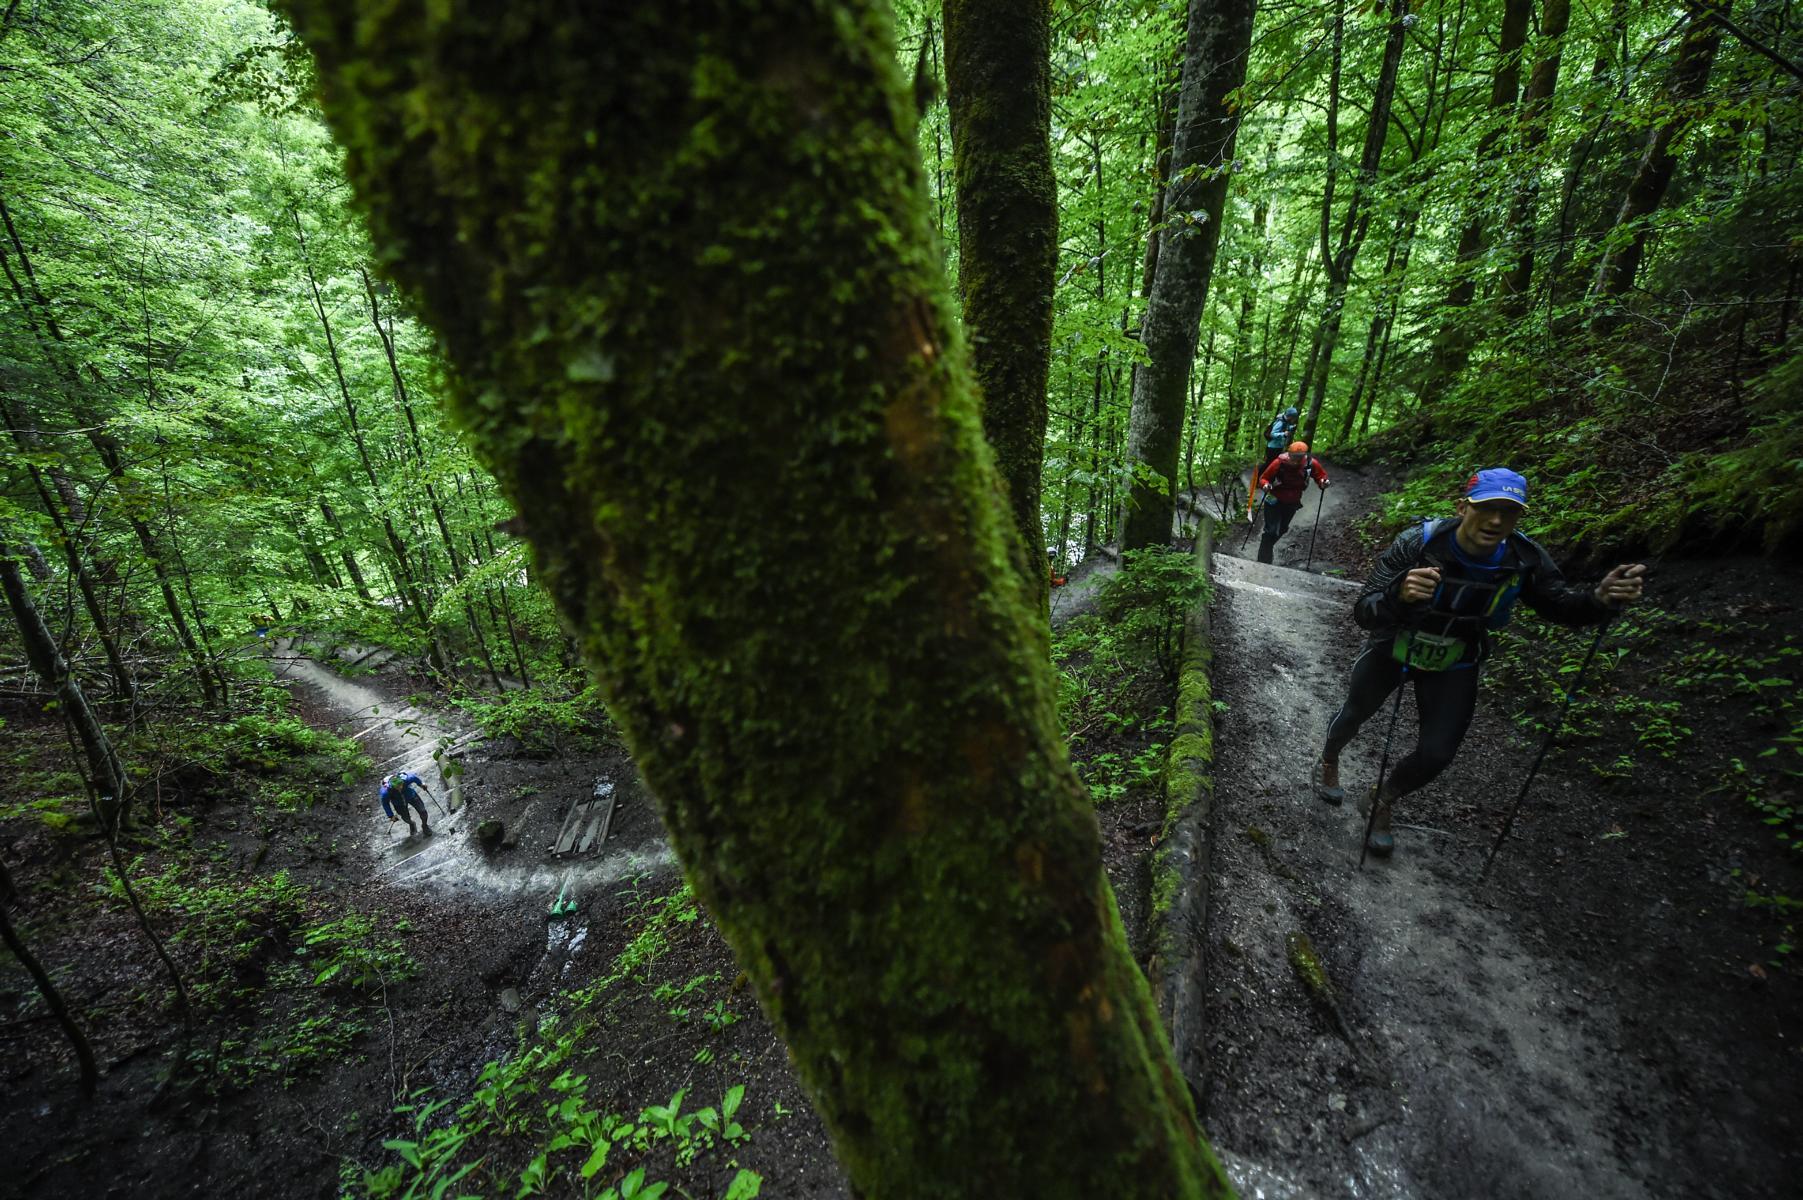 Tree Runner Klettergurt : Trailrunning knigge was sind die regeln am trail?